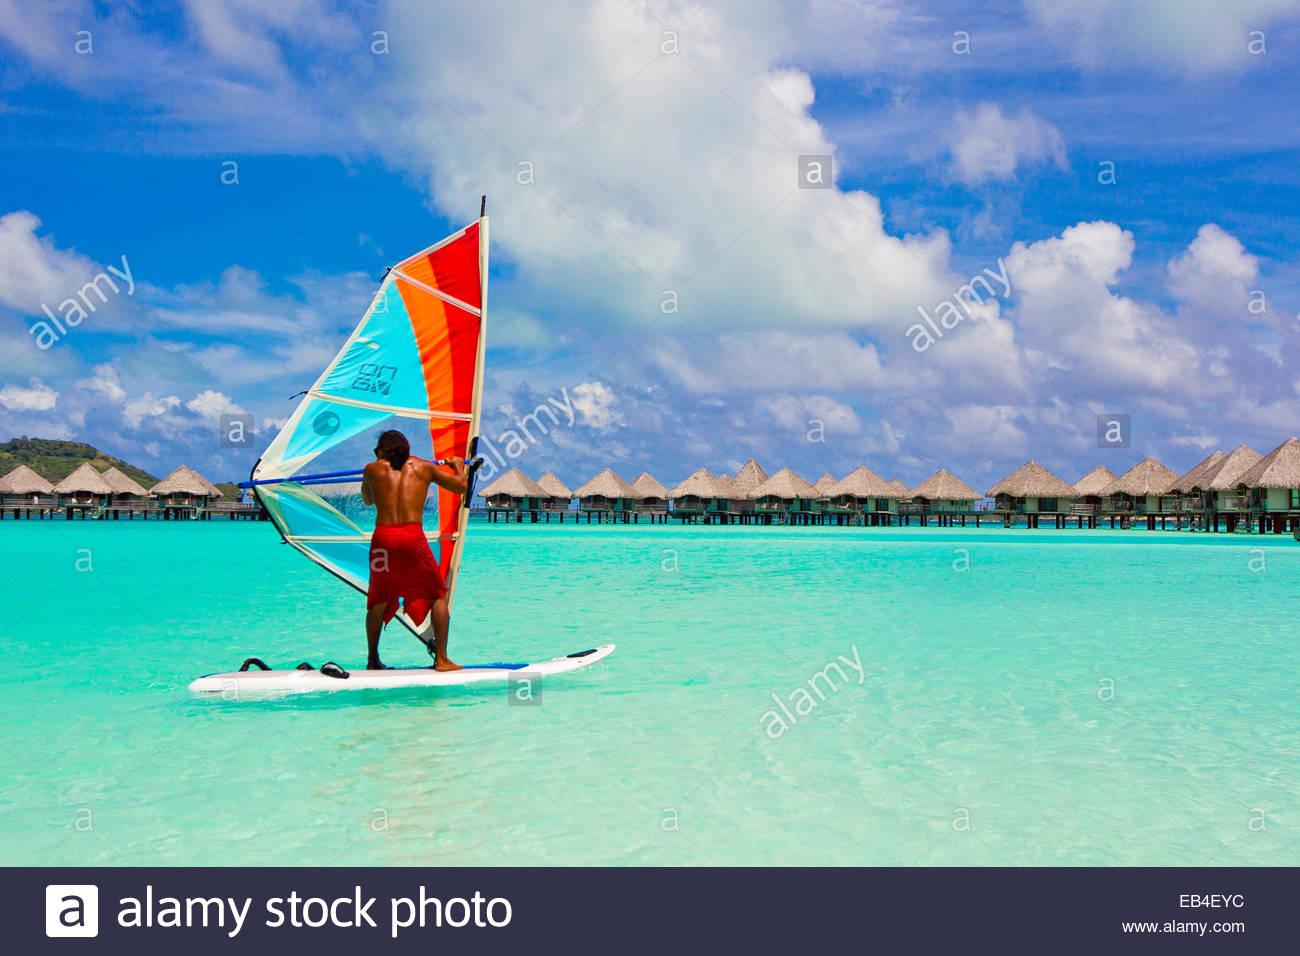 Le tourisme ou la planche à voile au large de Bora Bora. Photo Stock